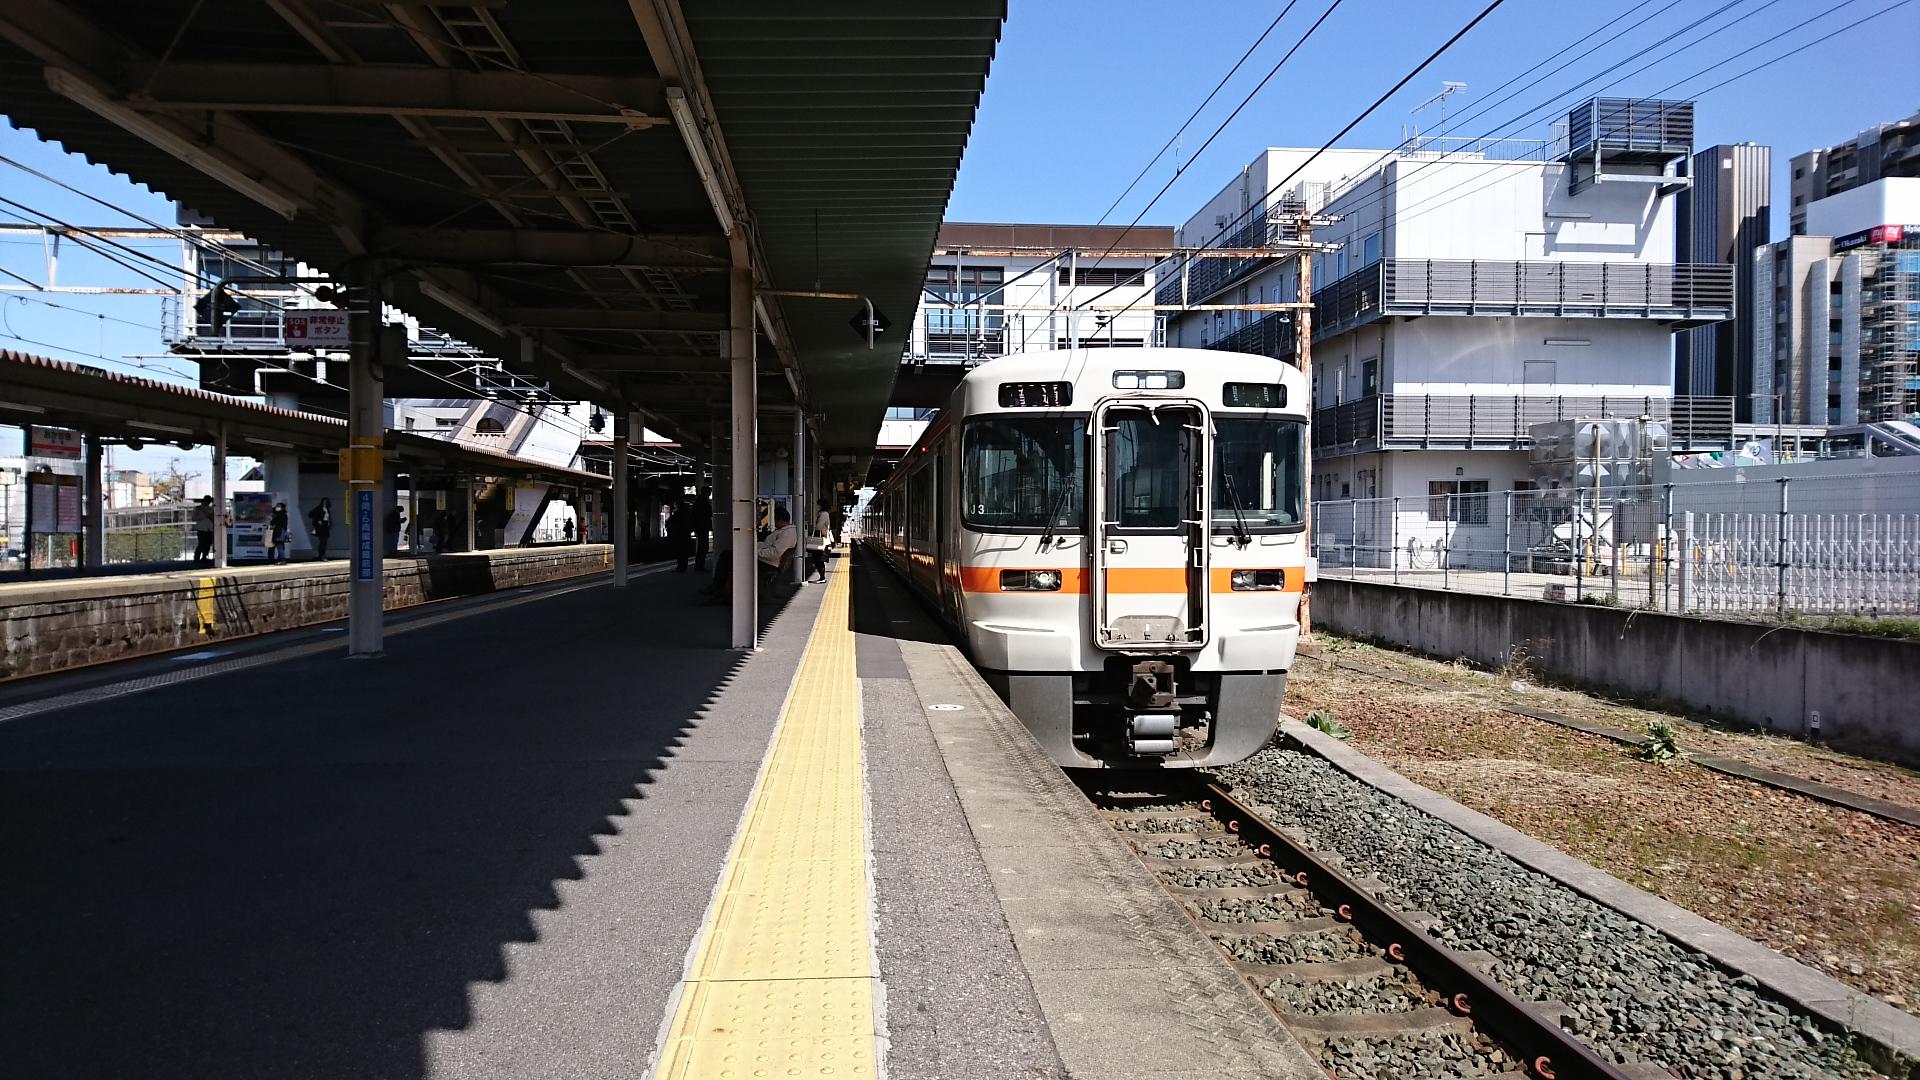 2018.3.23 東海道線 (7) 岡崎 - 豊橋いきふつう 1920-1080